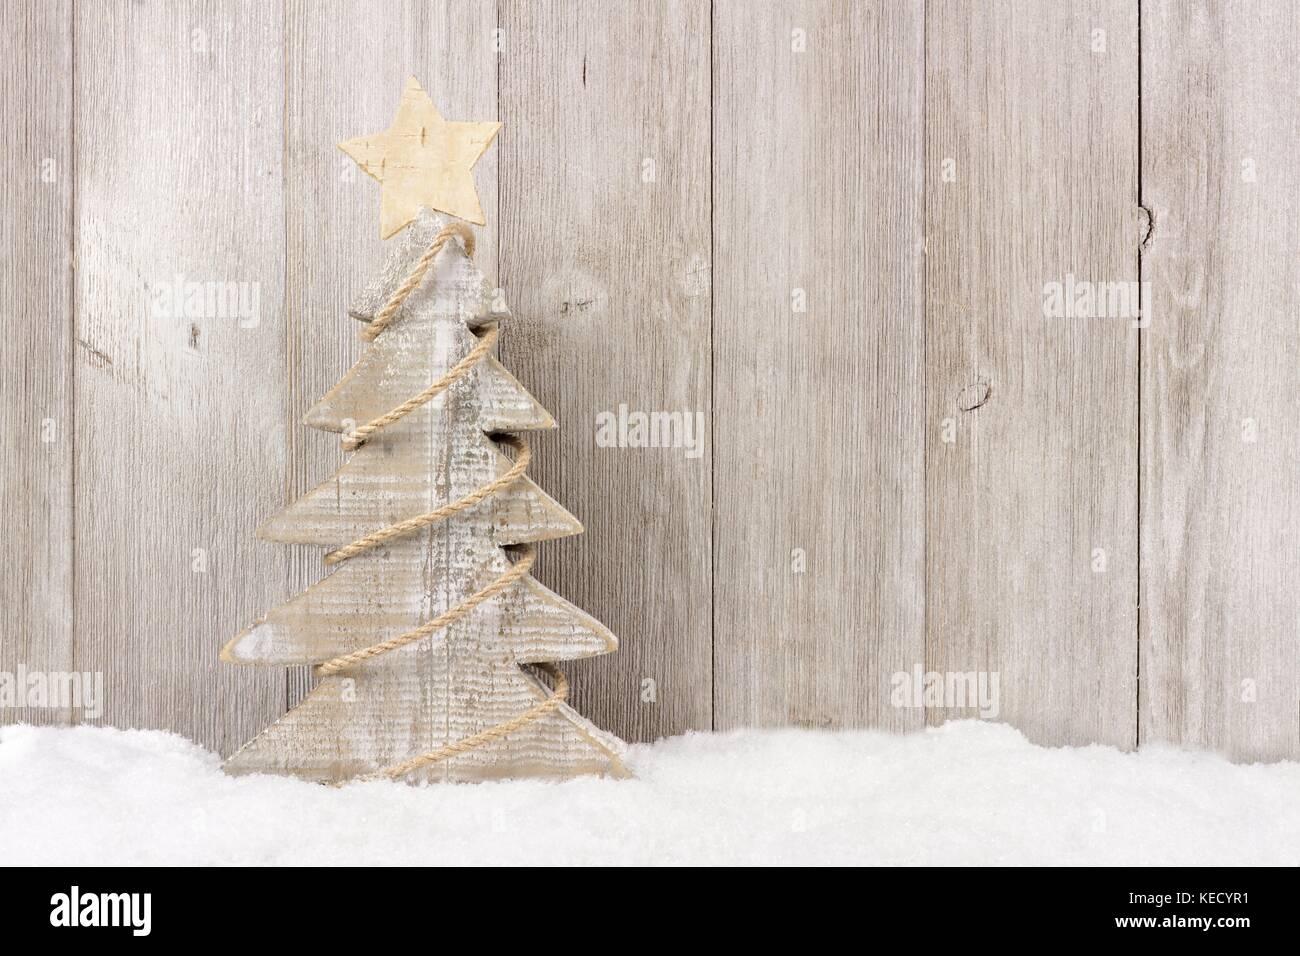 Shabby Chic Natale : Shabby chic in legno albero di natale con spago garland in piedi